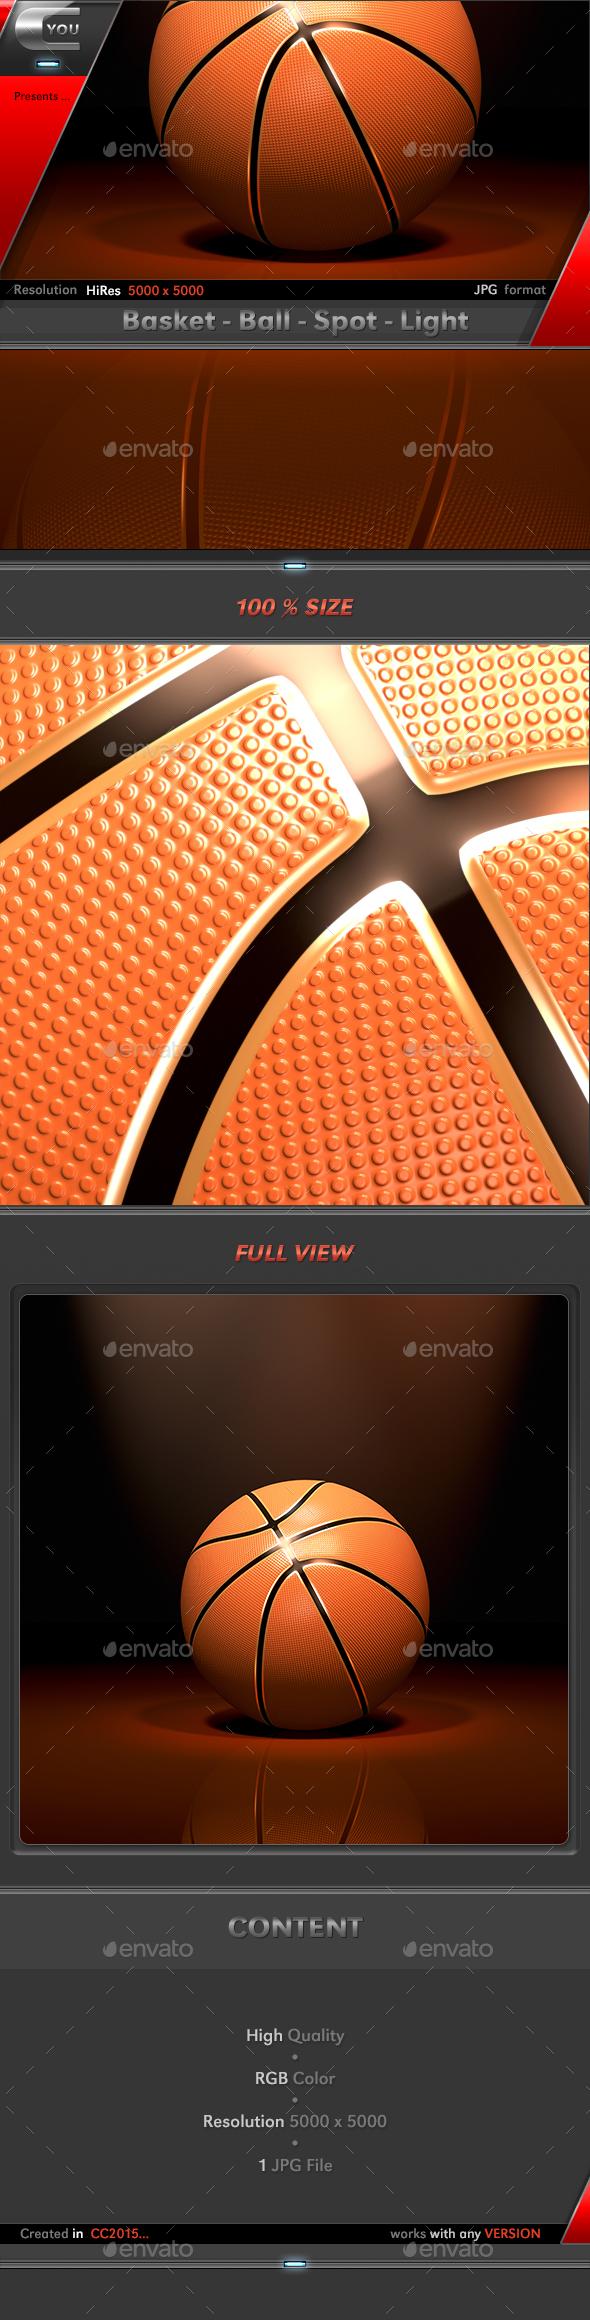 Basket Ball Spot Light - 3D Backgrounds